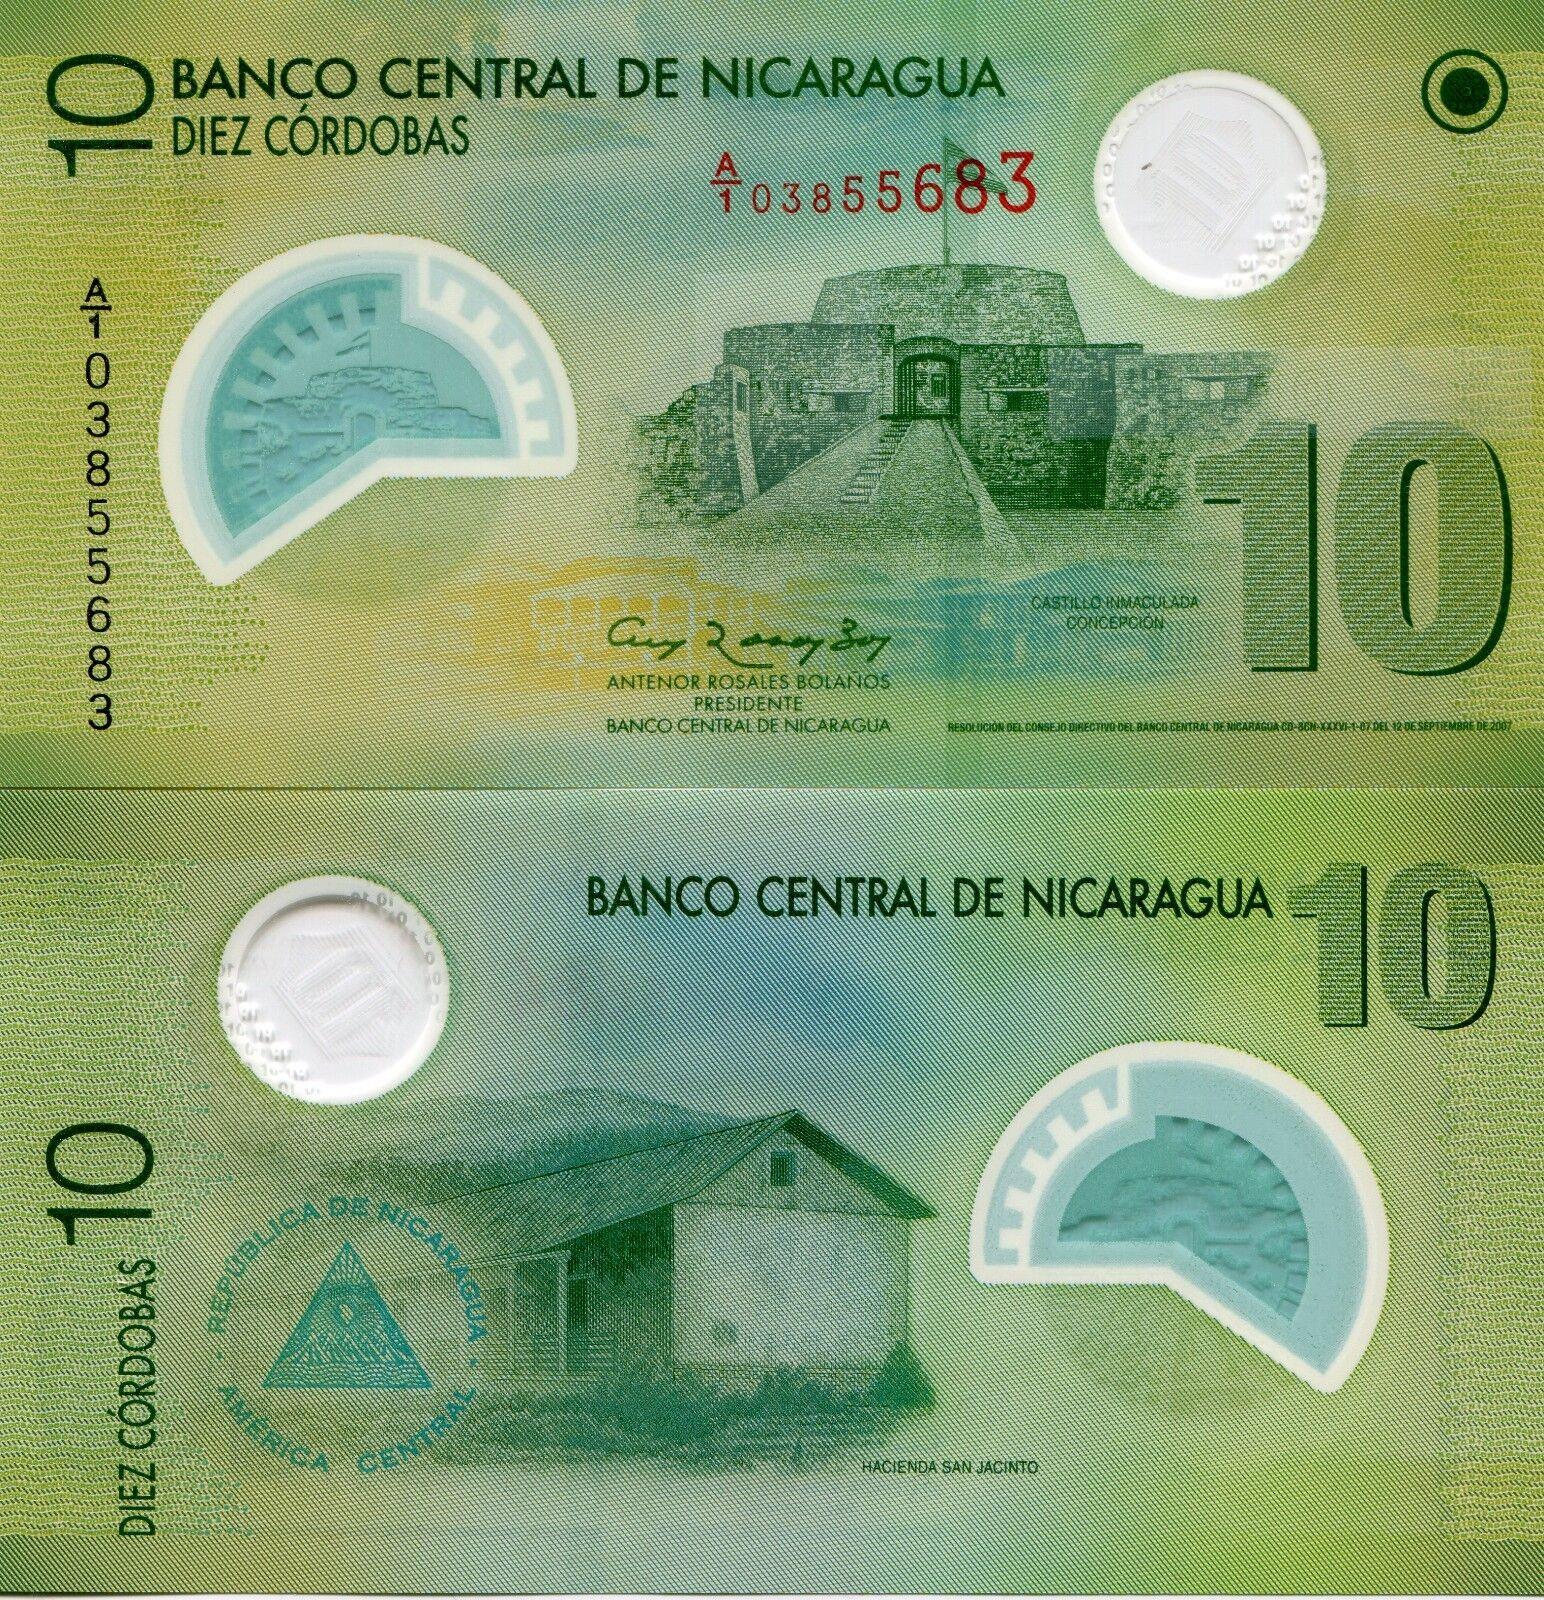 2007 UNC Nicaragua 10 Cordobas Polymer P-201